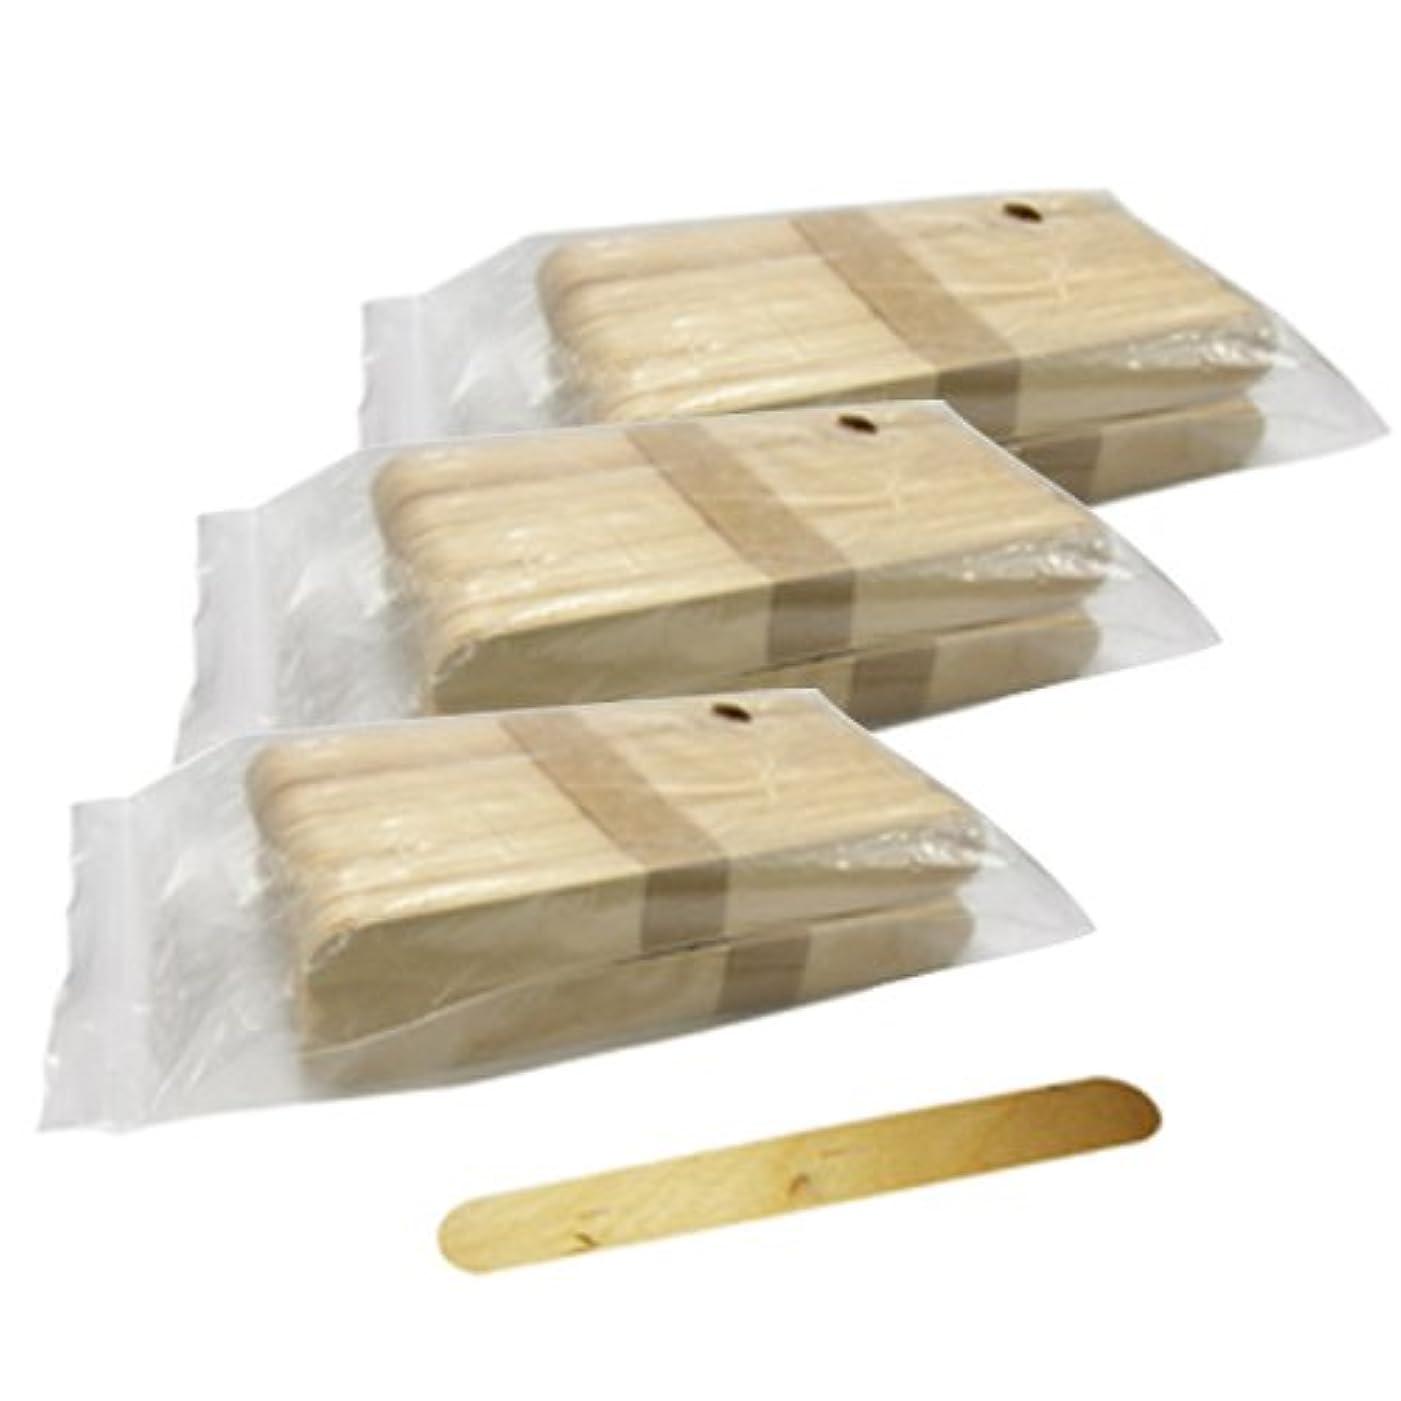 裁判所麻痺させるインディカ使い捨て【木ベラ/ウッドスパチュラ】(業務用100枚入り) × 3袋セット(計300枚)/WAX脱毛等や舌厚子にも …